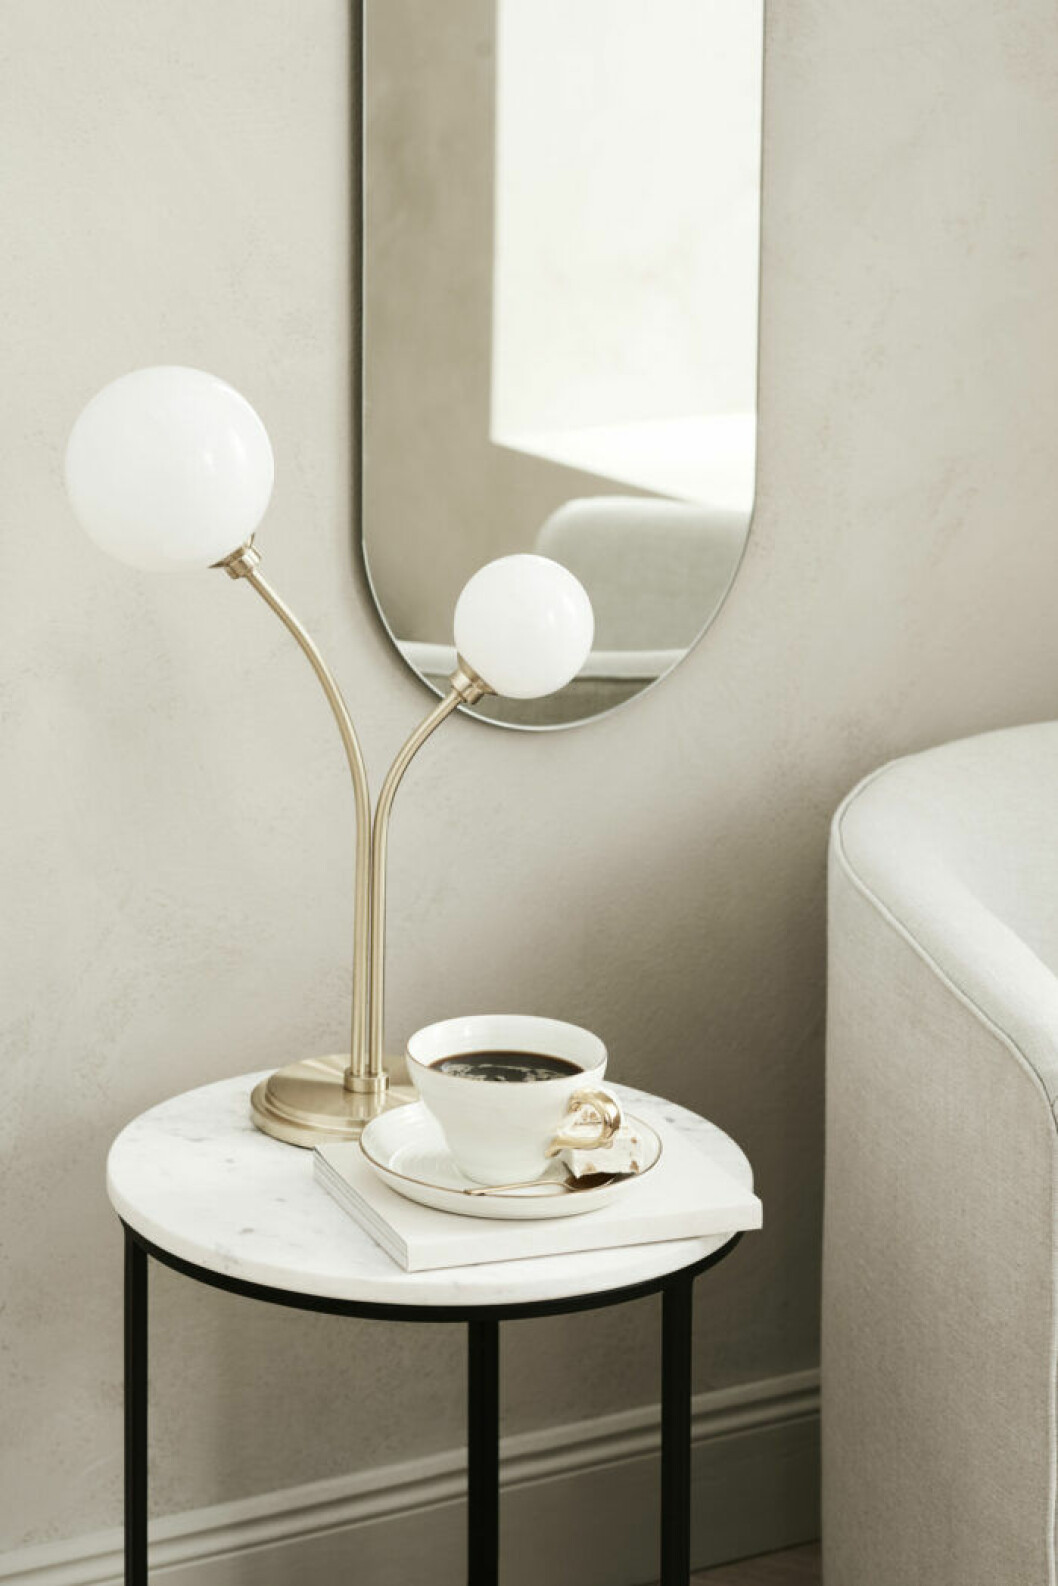 Lampa, sidobord och spegel från H&M Homes vårkollektion 2019